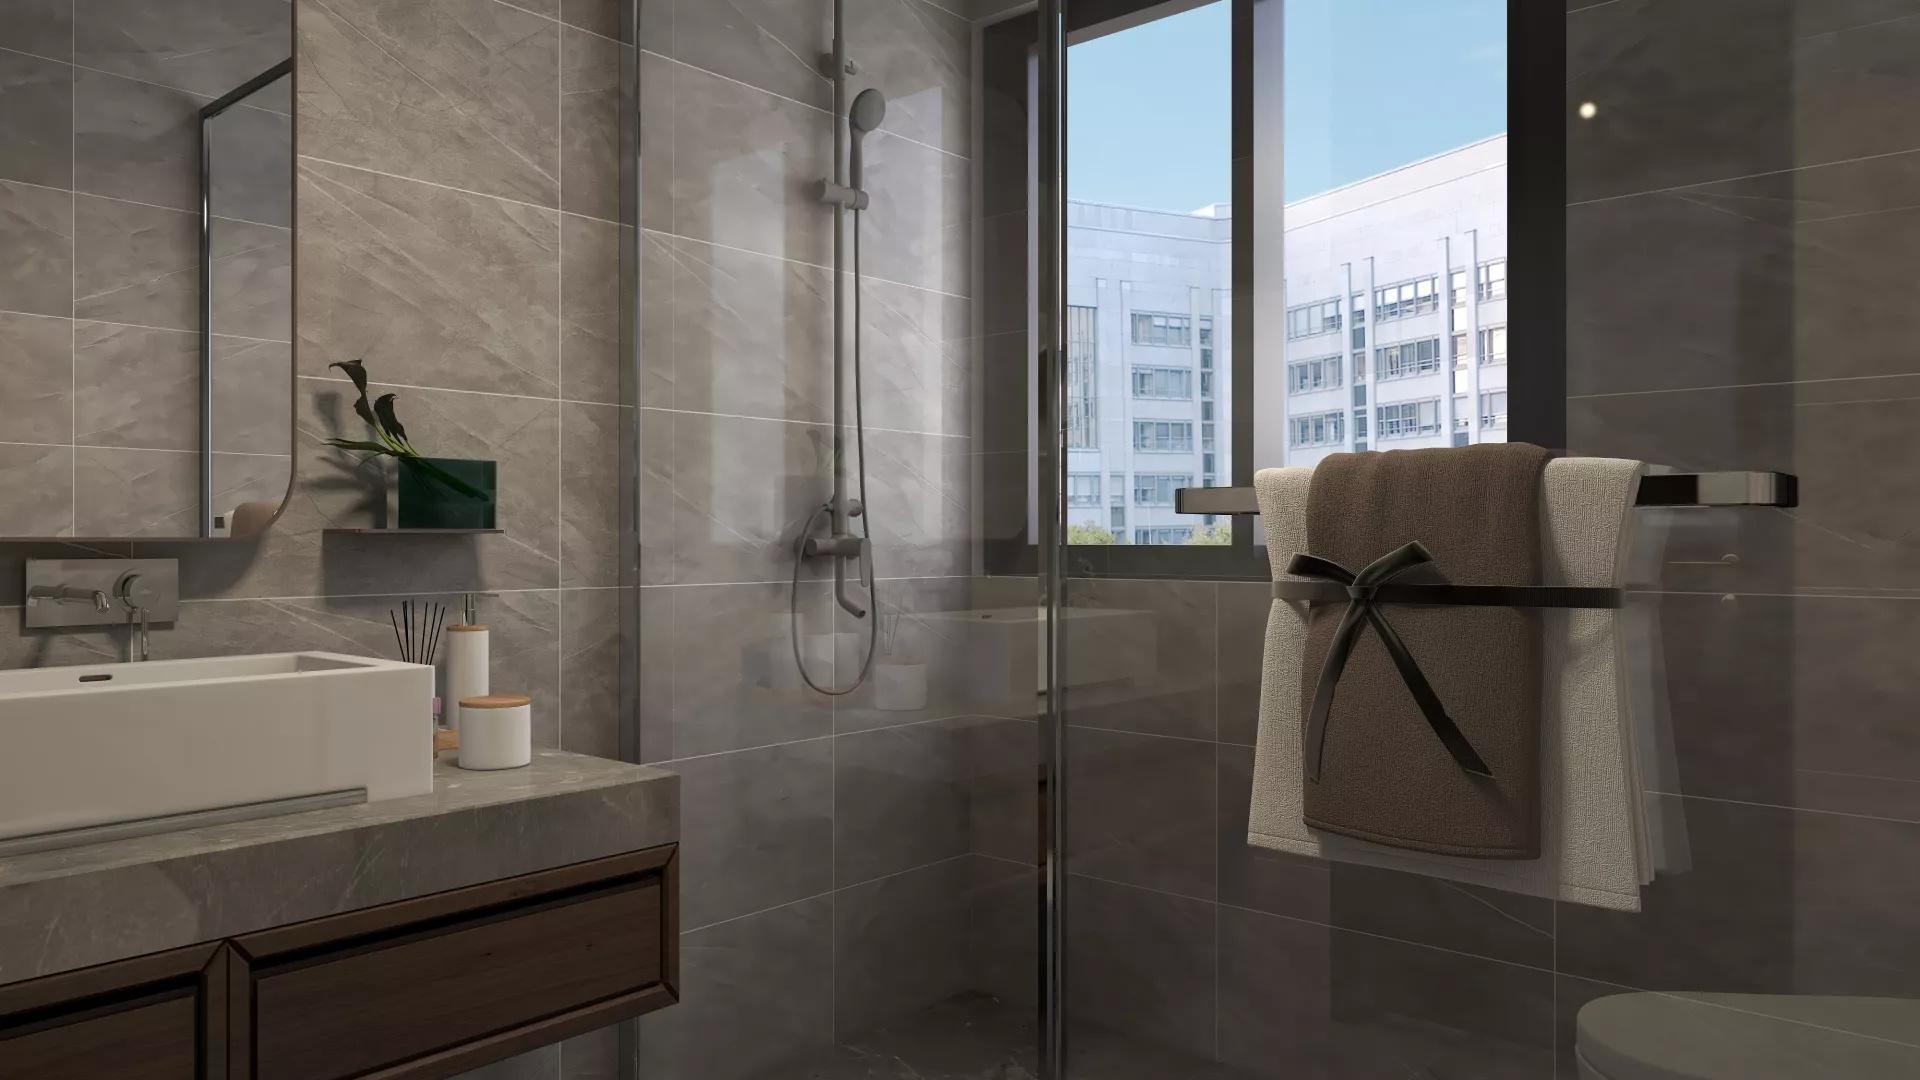 石膏板主要分类 家装石膏板分类及特点